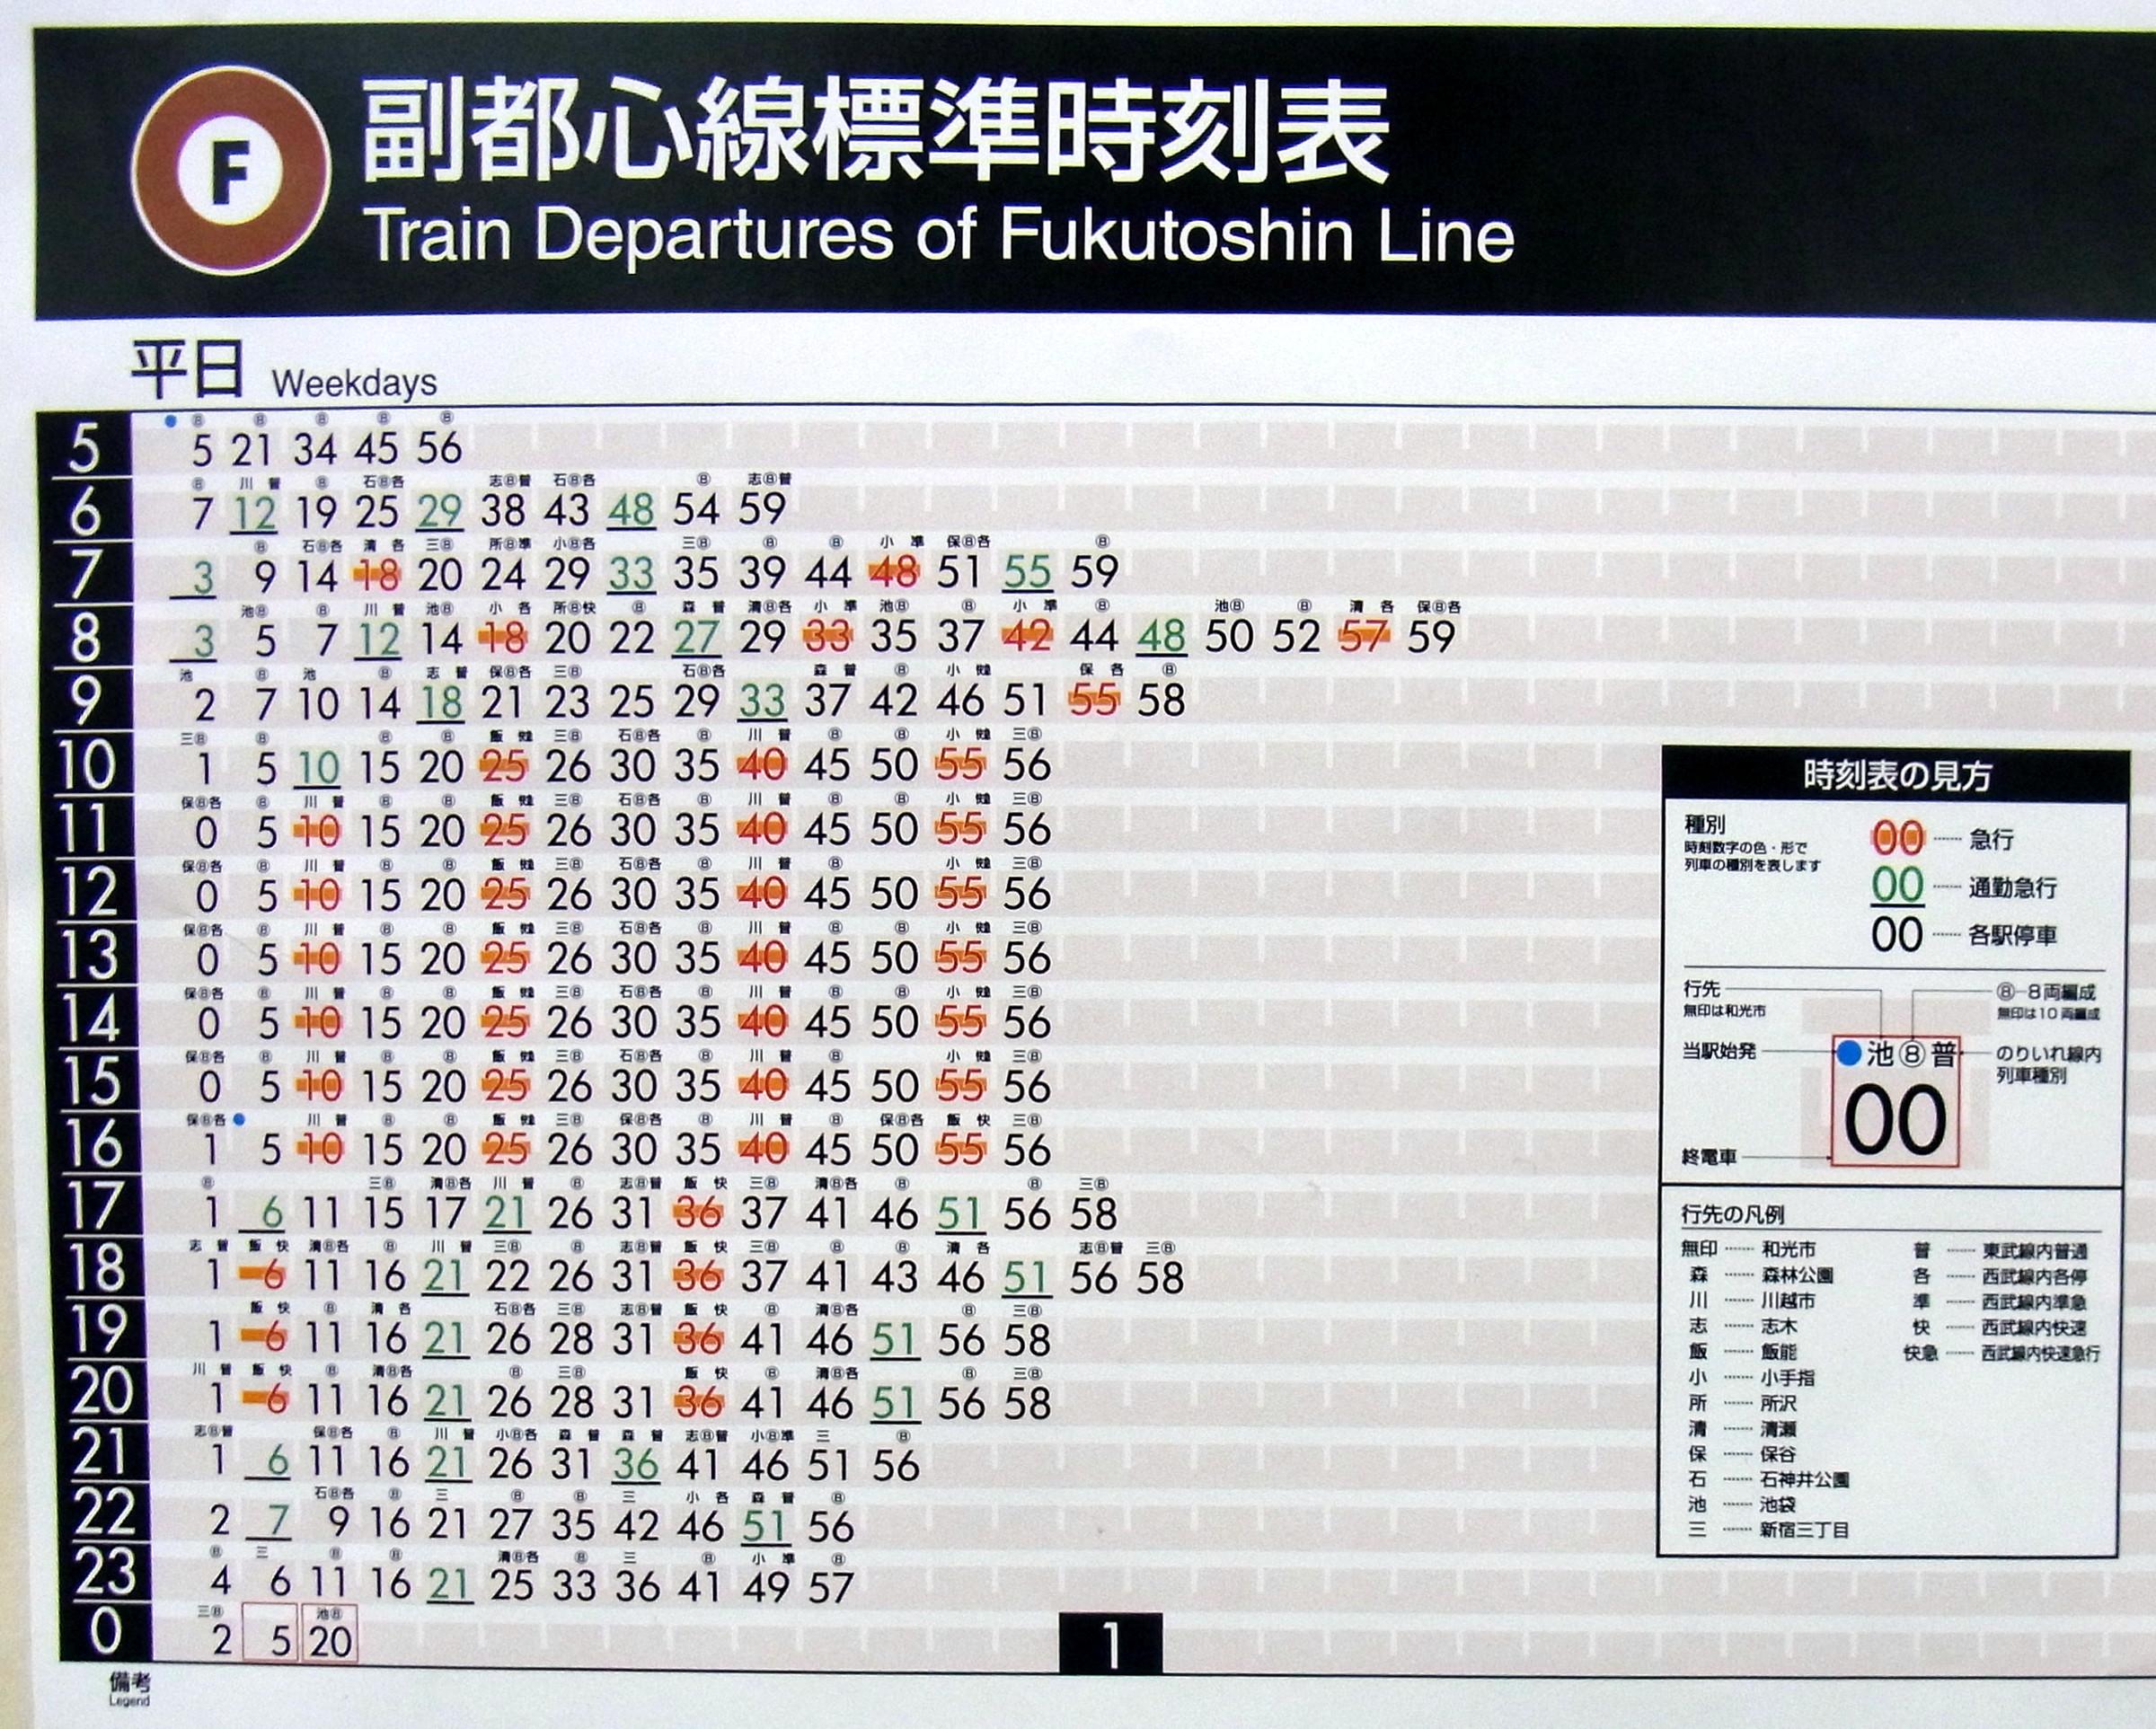 渋谷 表 副 時刻 都心 線